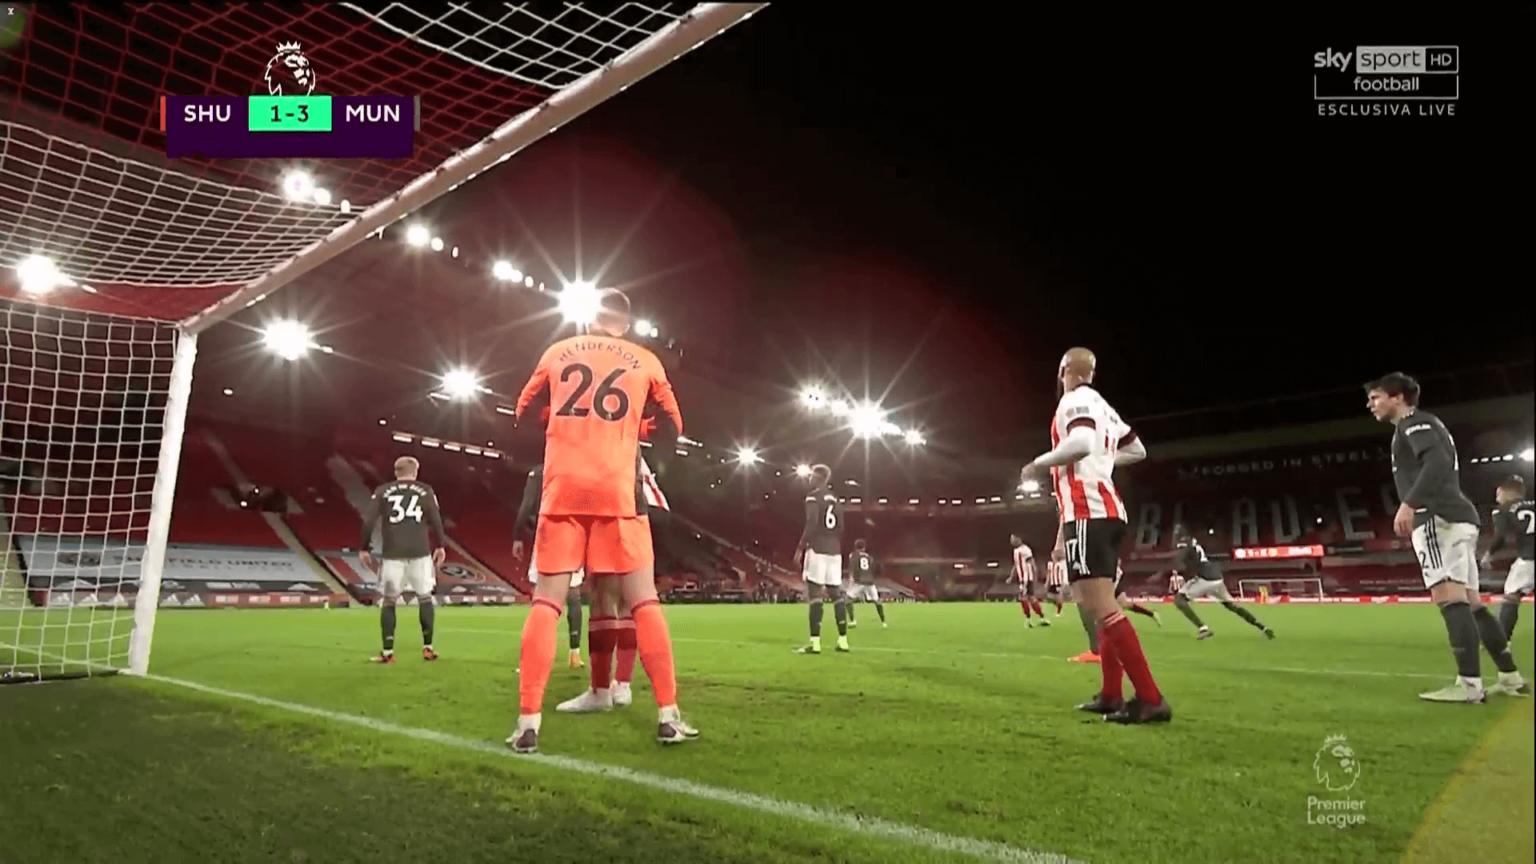 Tiền đạo của Sheffield United thoải mái đứng trong vòng cấm MU trước quả phạt góc